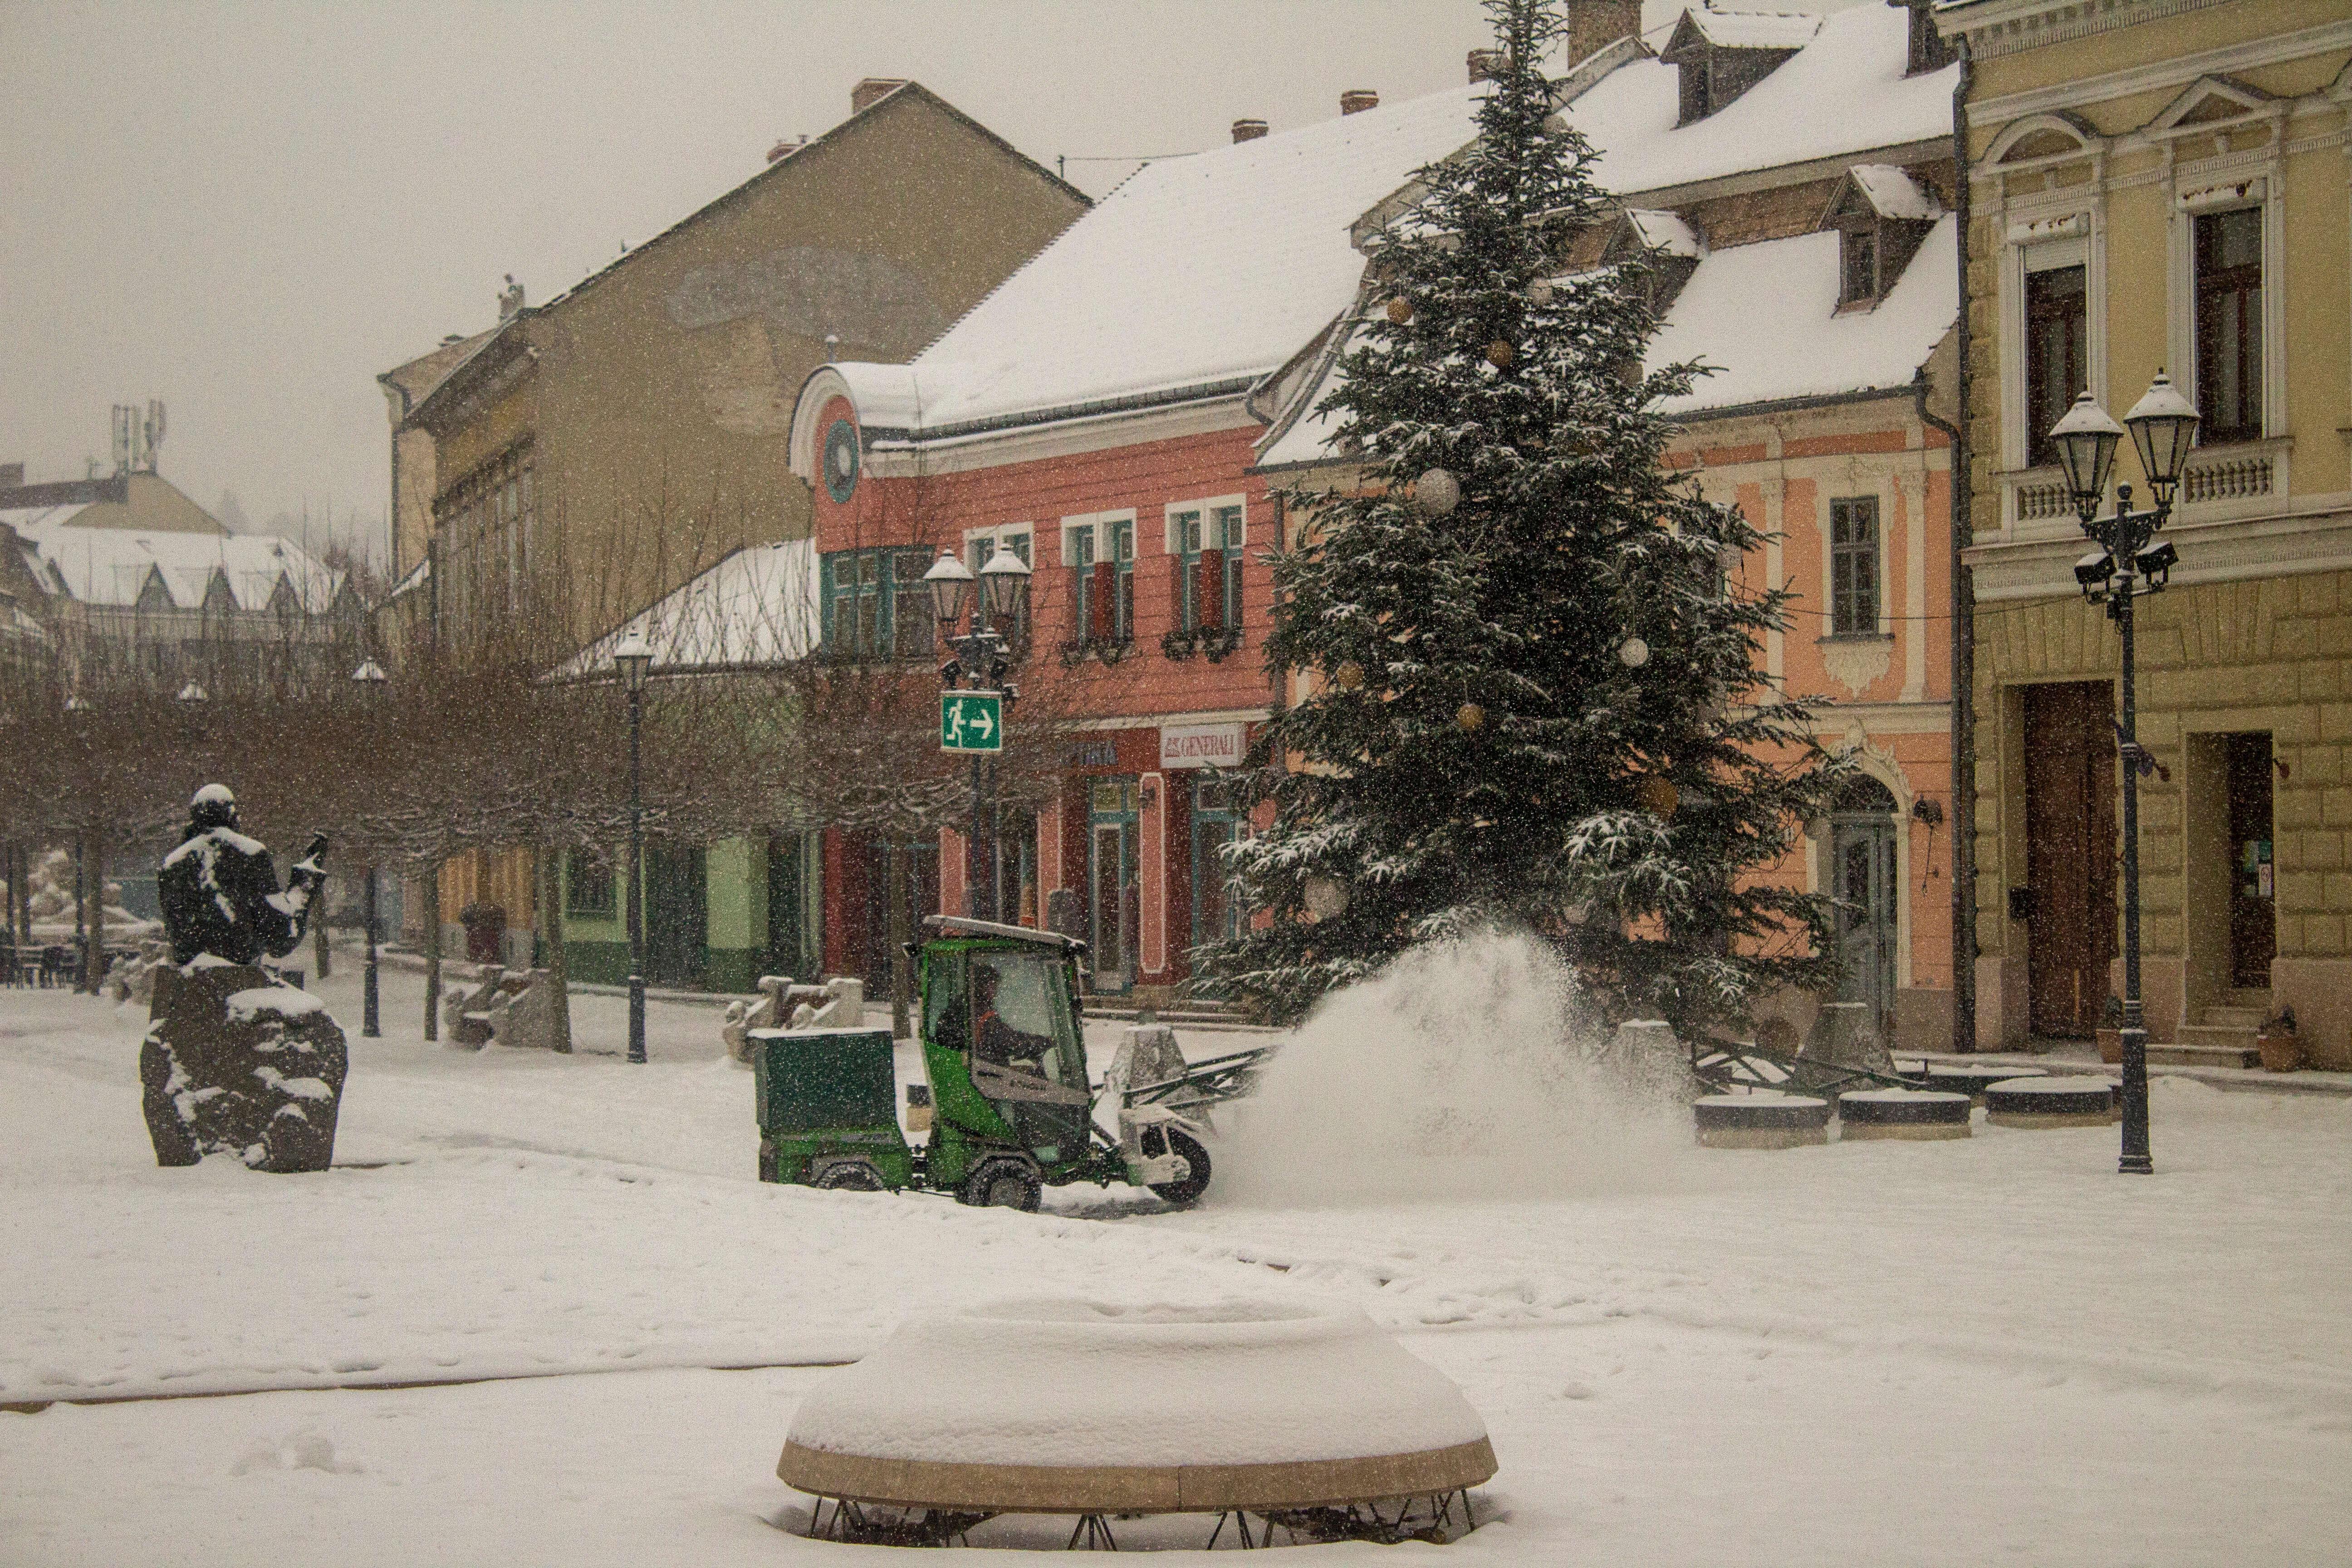 Mini hókotró takarította Esztergom főterét a havazásban